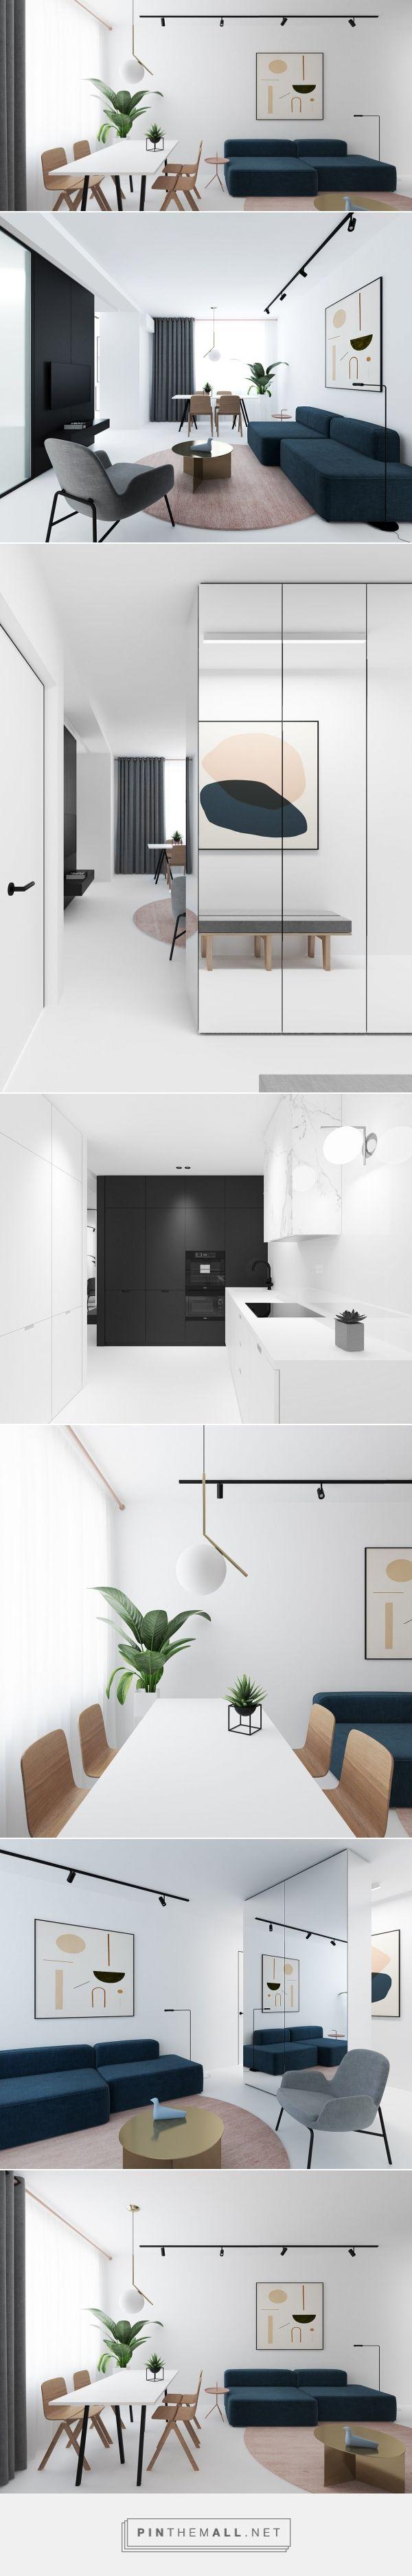 Pin de clausubmarine en arquitectura arquitectura y for Casa minimalista tlalpan